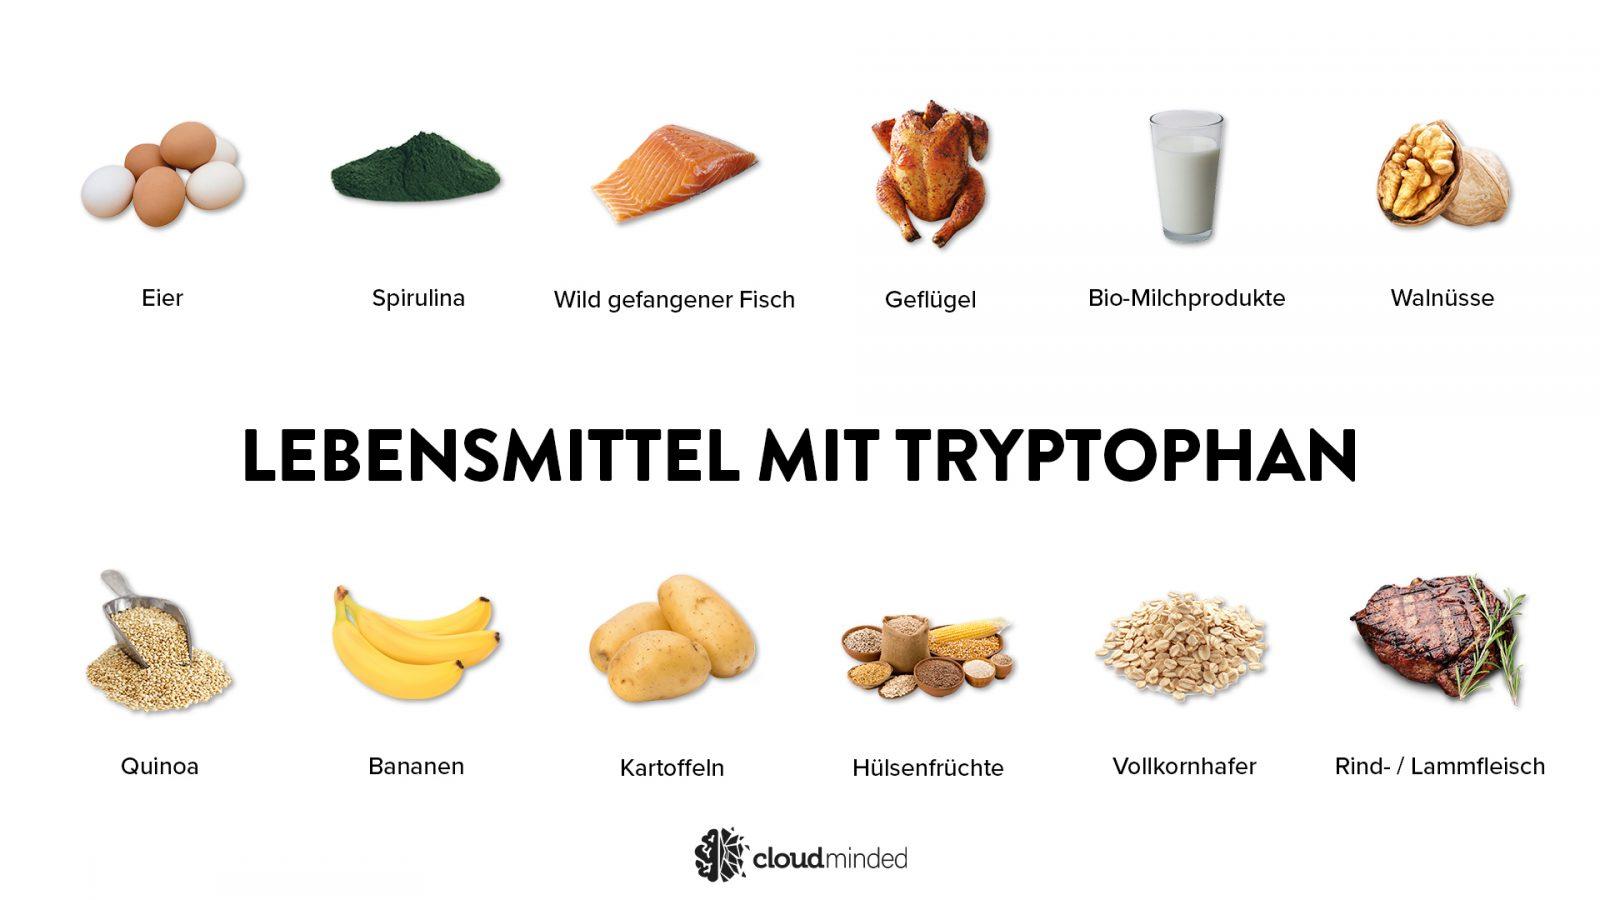 Lebensmittel mit Tryptophan